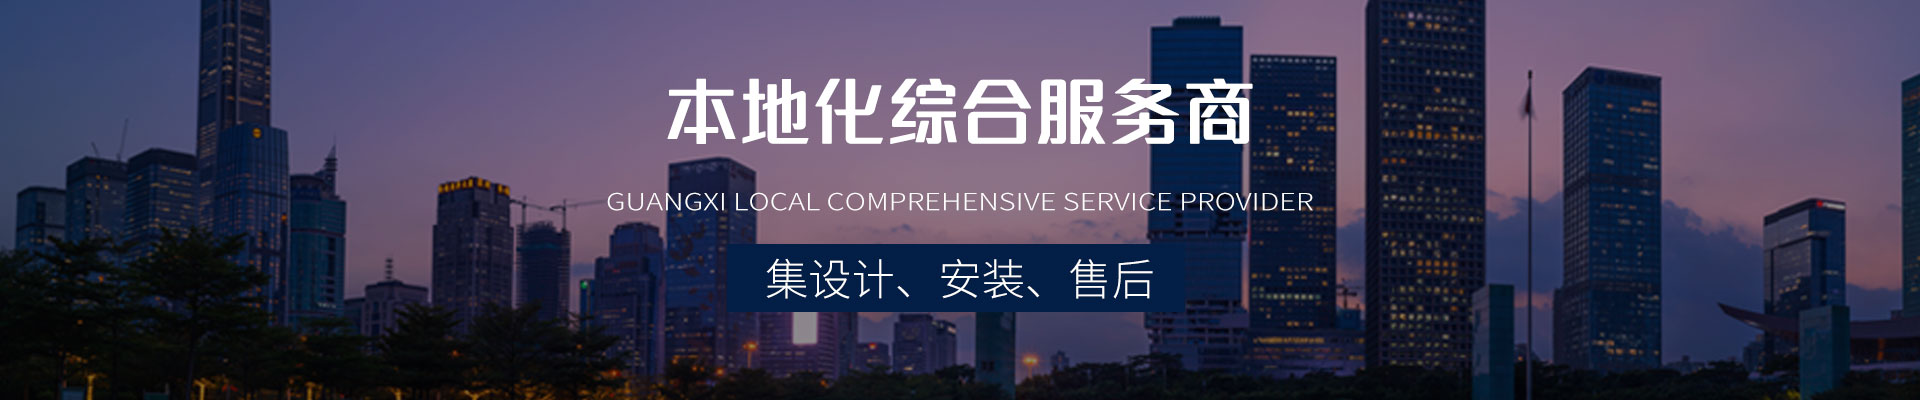 红运高照,广西本地化综合服务商